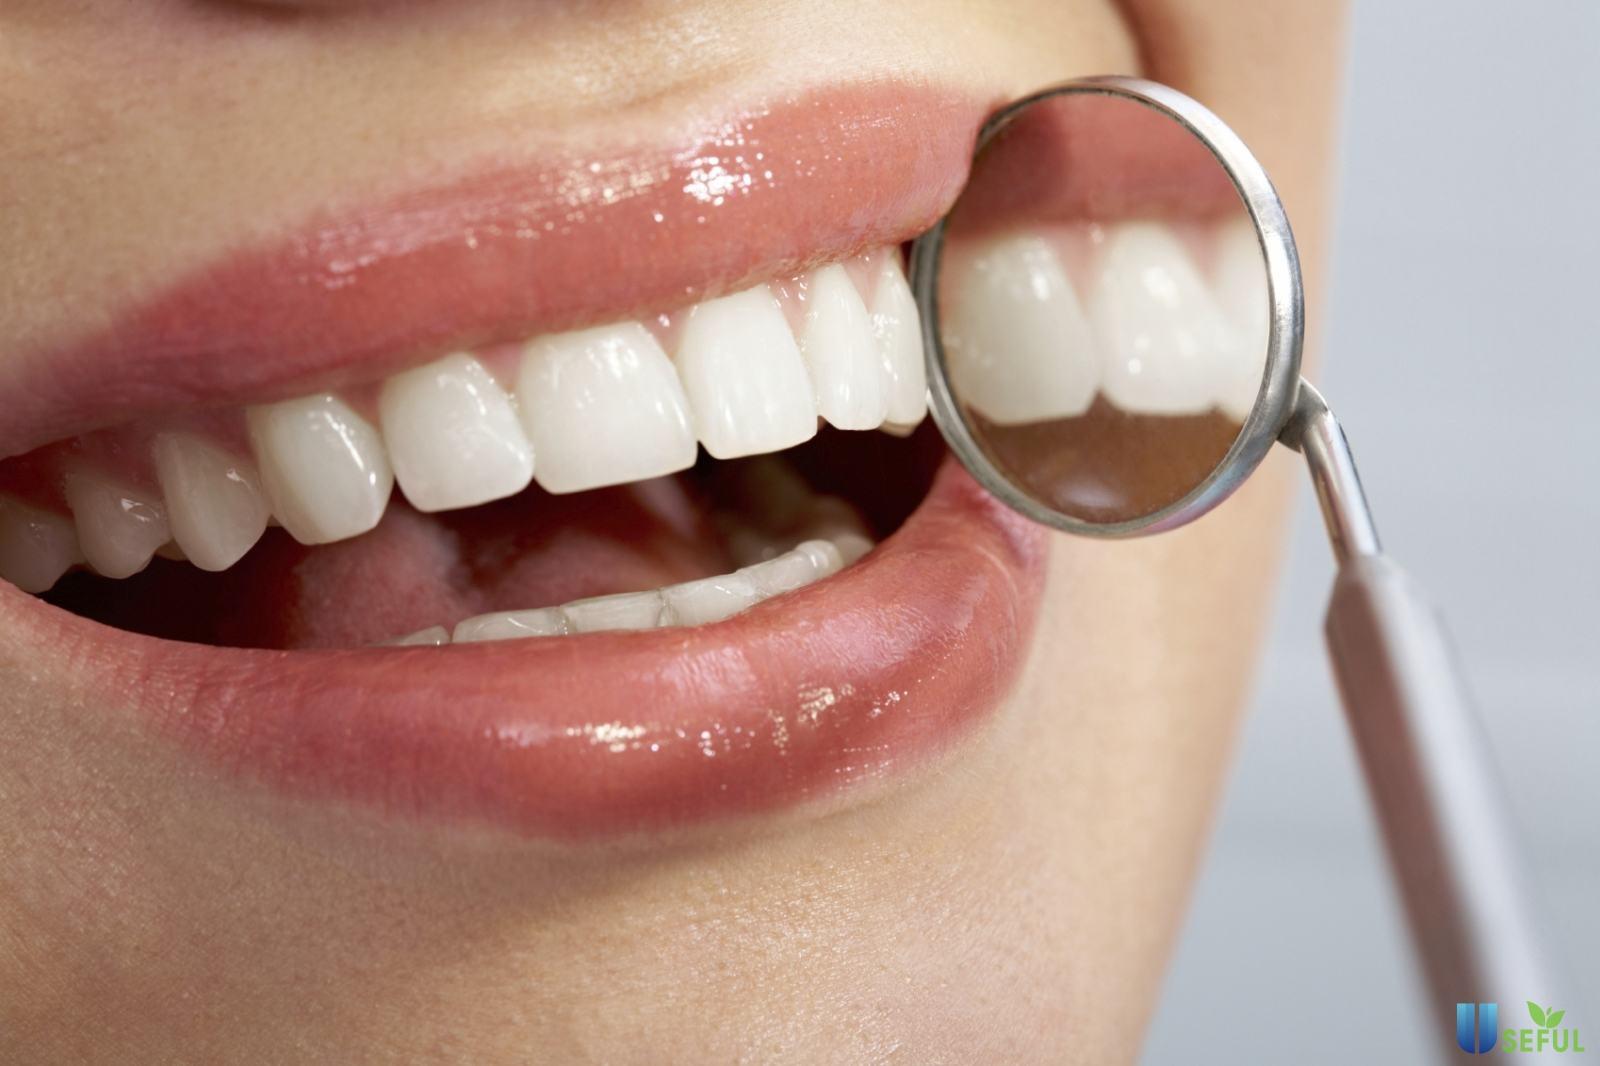 Trám răng thẩm mỹ giúp bạn có được nụ cười hoàn hảo hơn